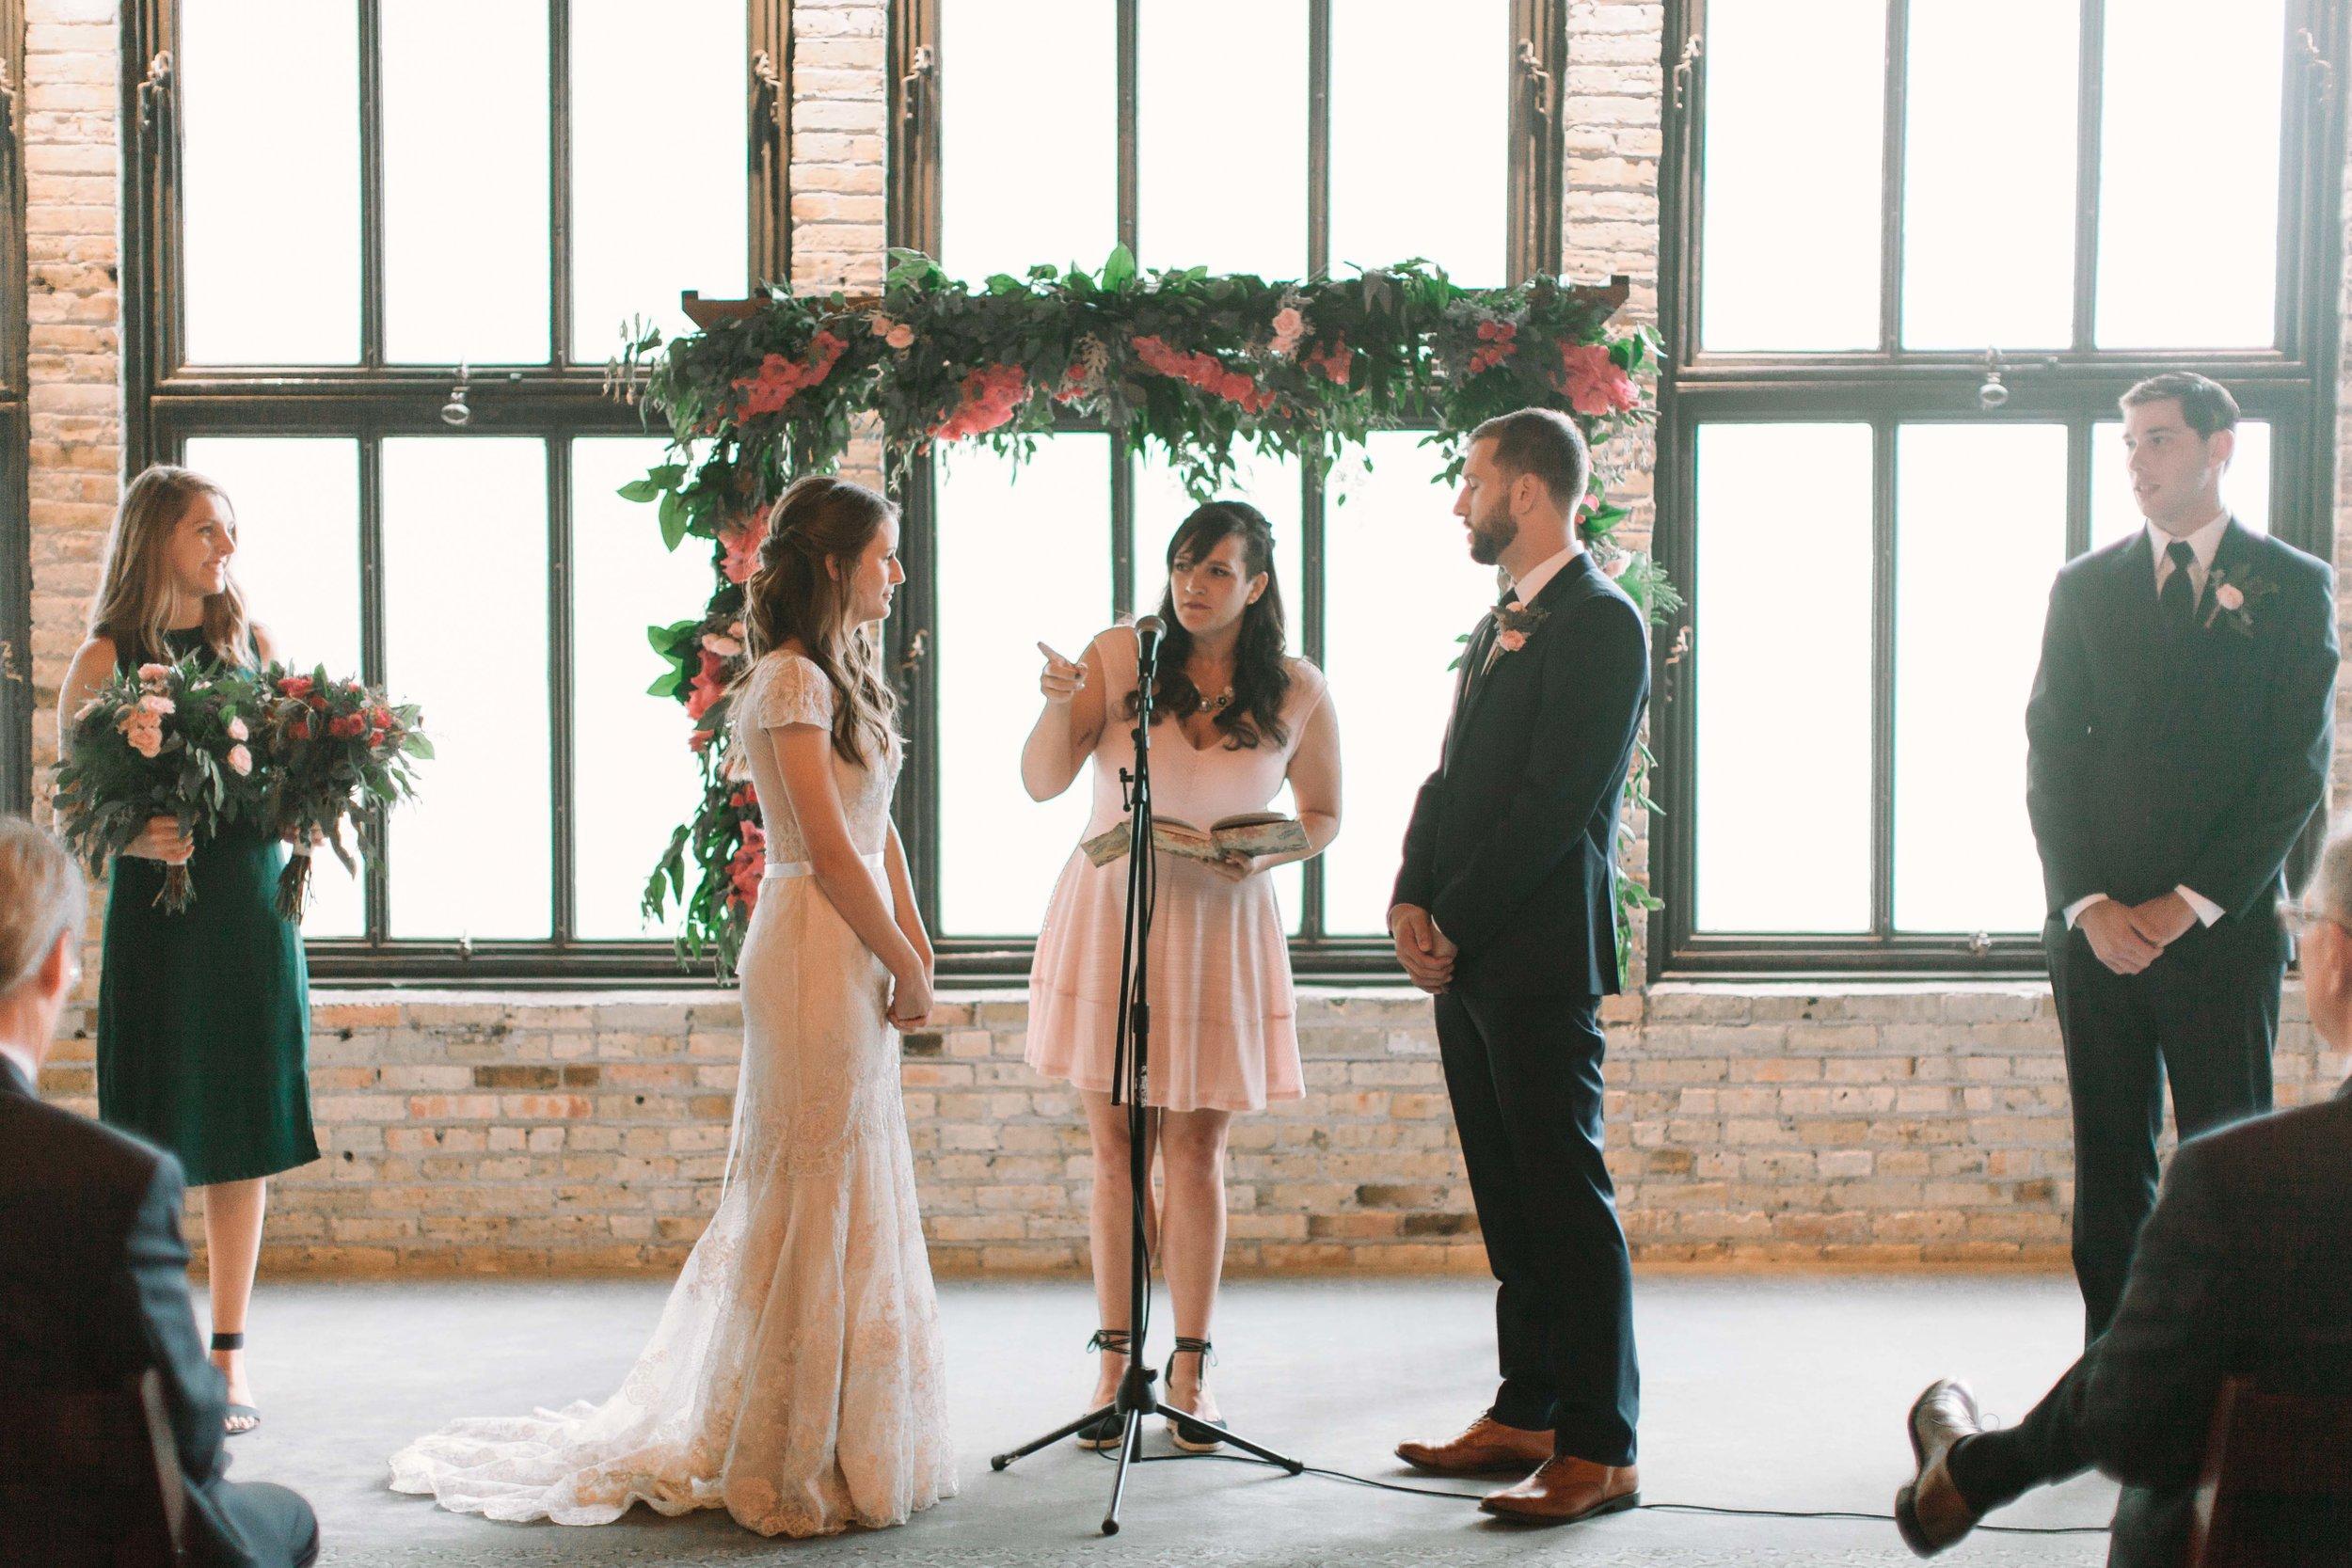 kateweinsteinphoto_clairewillie_wedding-459.jpg